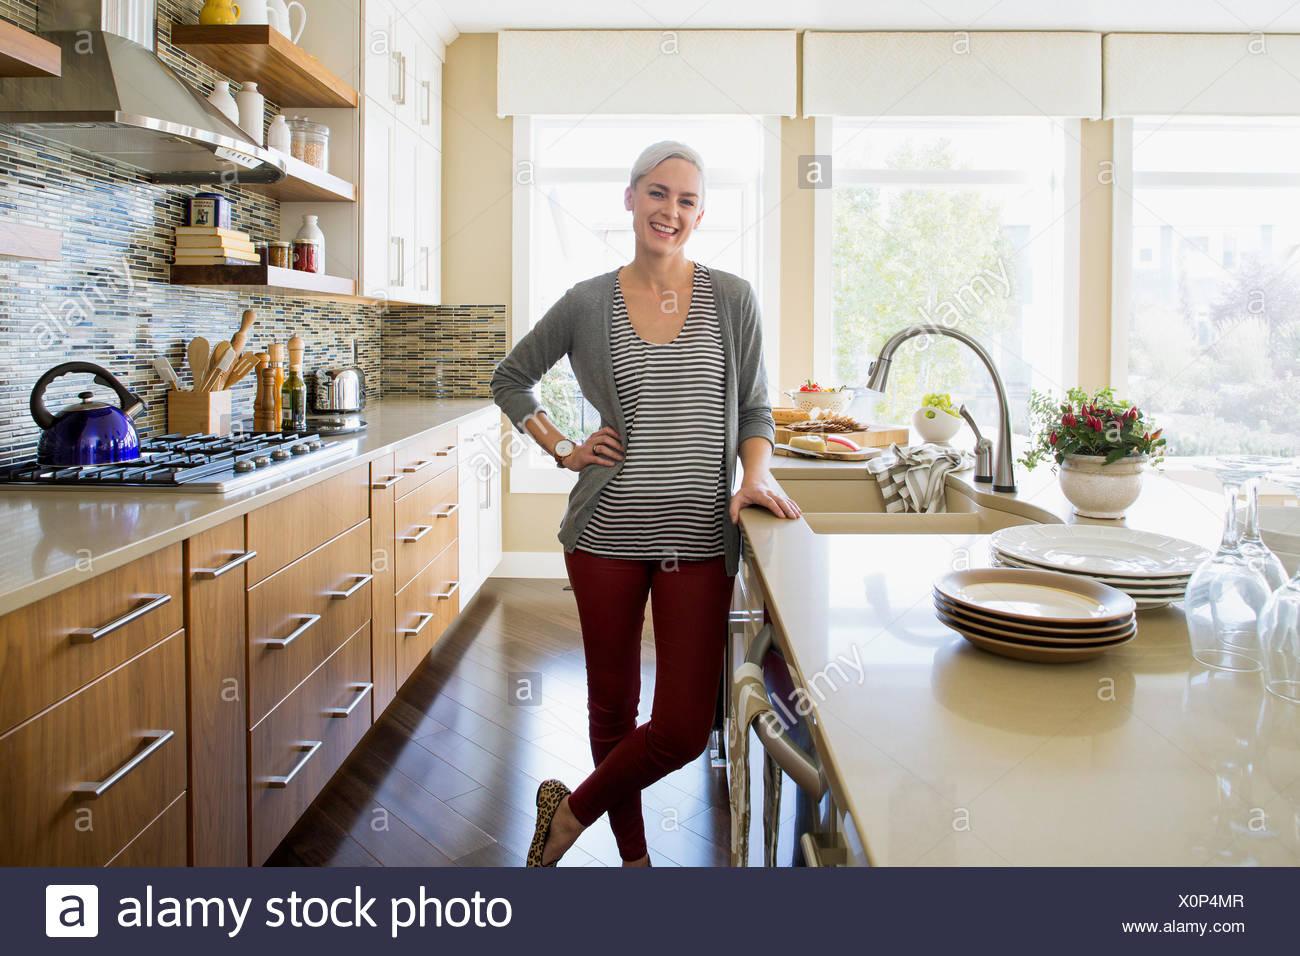 Ritratto di donna sorridente in cucina Immagini Stock